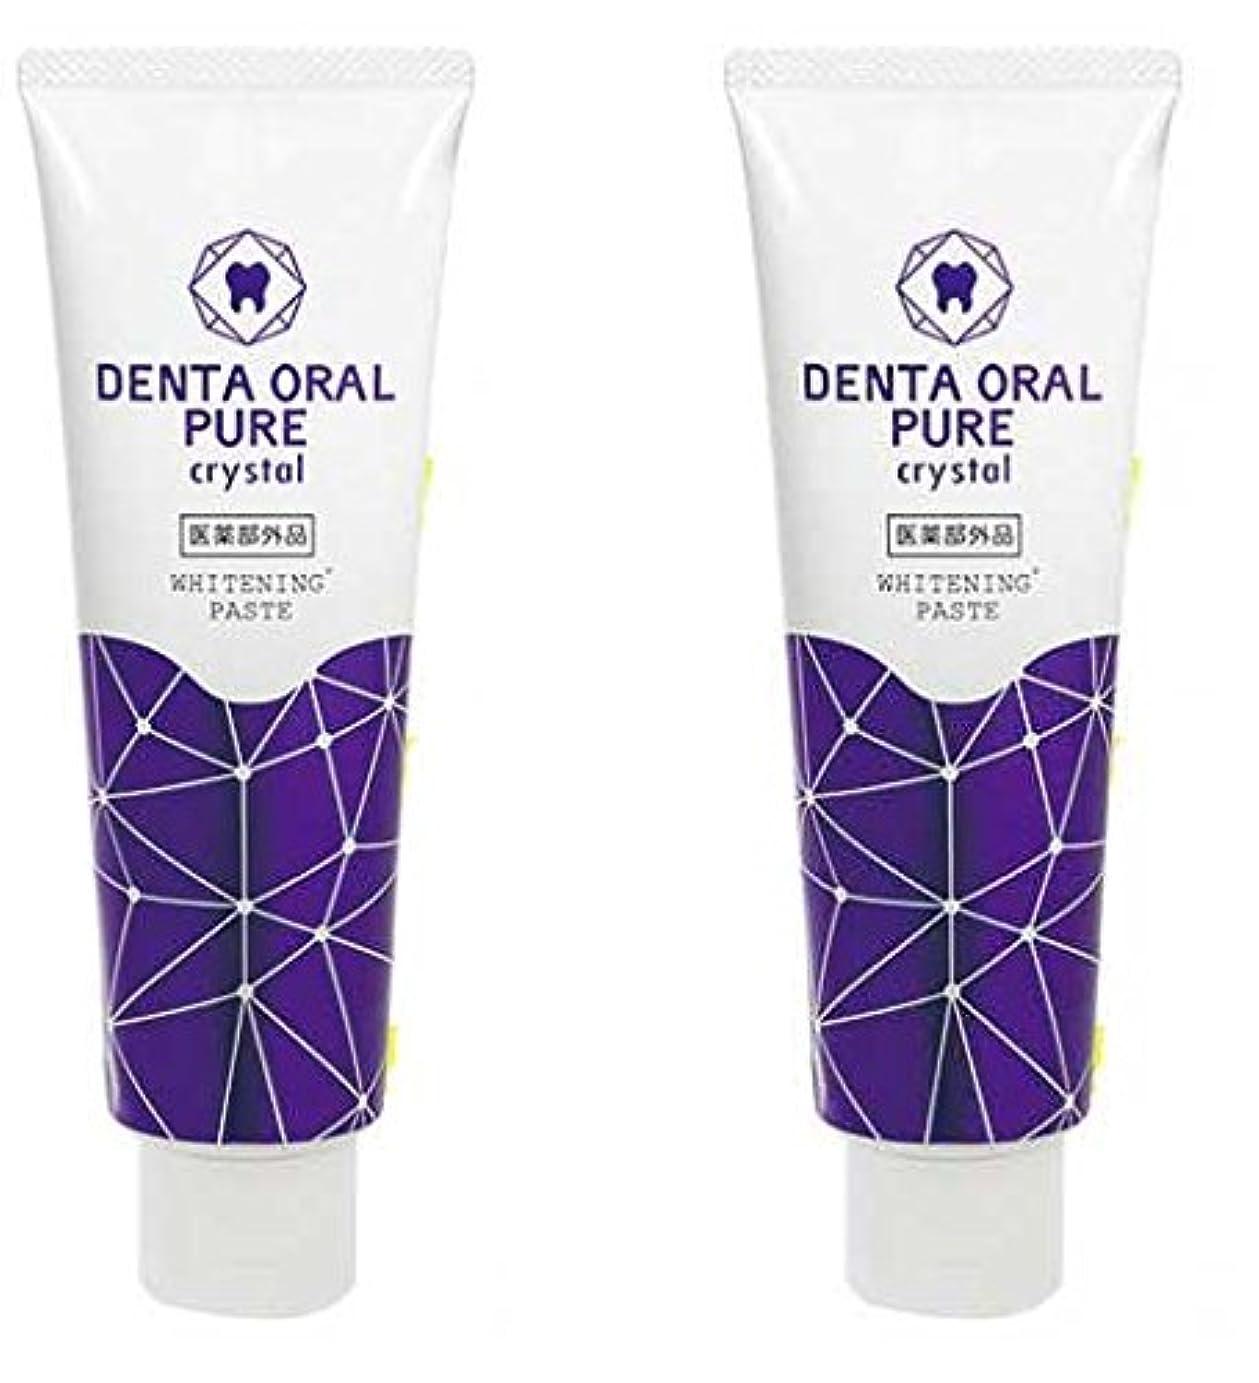 批評満州第二にホワイトニング歯磨き粉 デンタオーラルピュア クリスタル 2個セット 医薬部外品